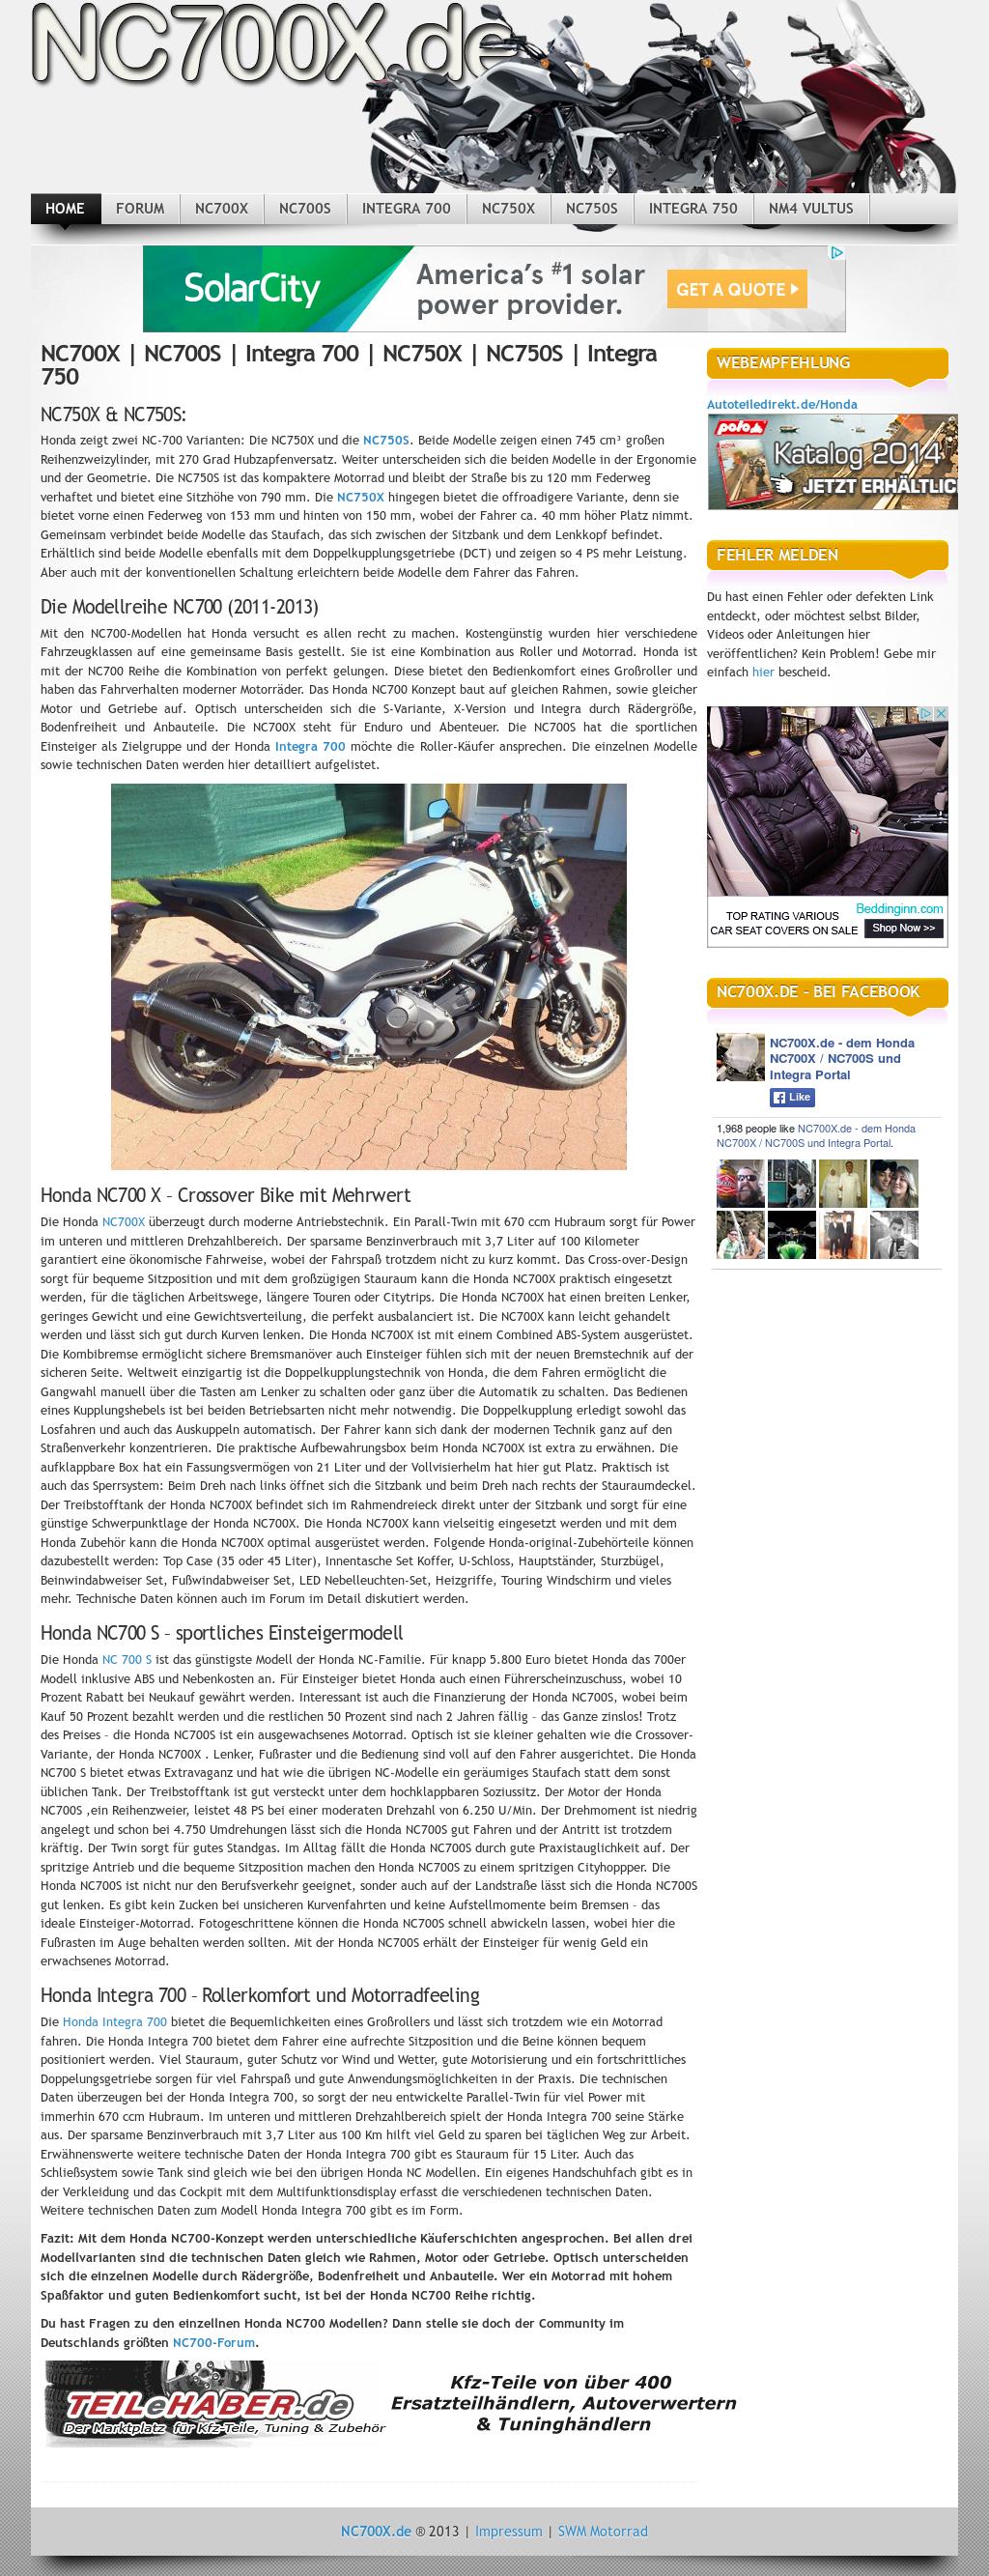 Nc700x de - Dem Honda Nc700x / Nc700s Und Integra Portal Competitors